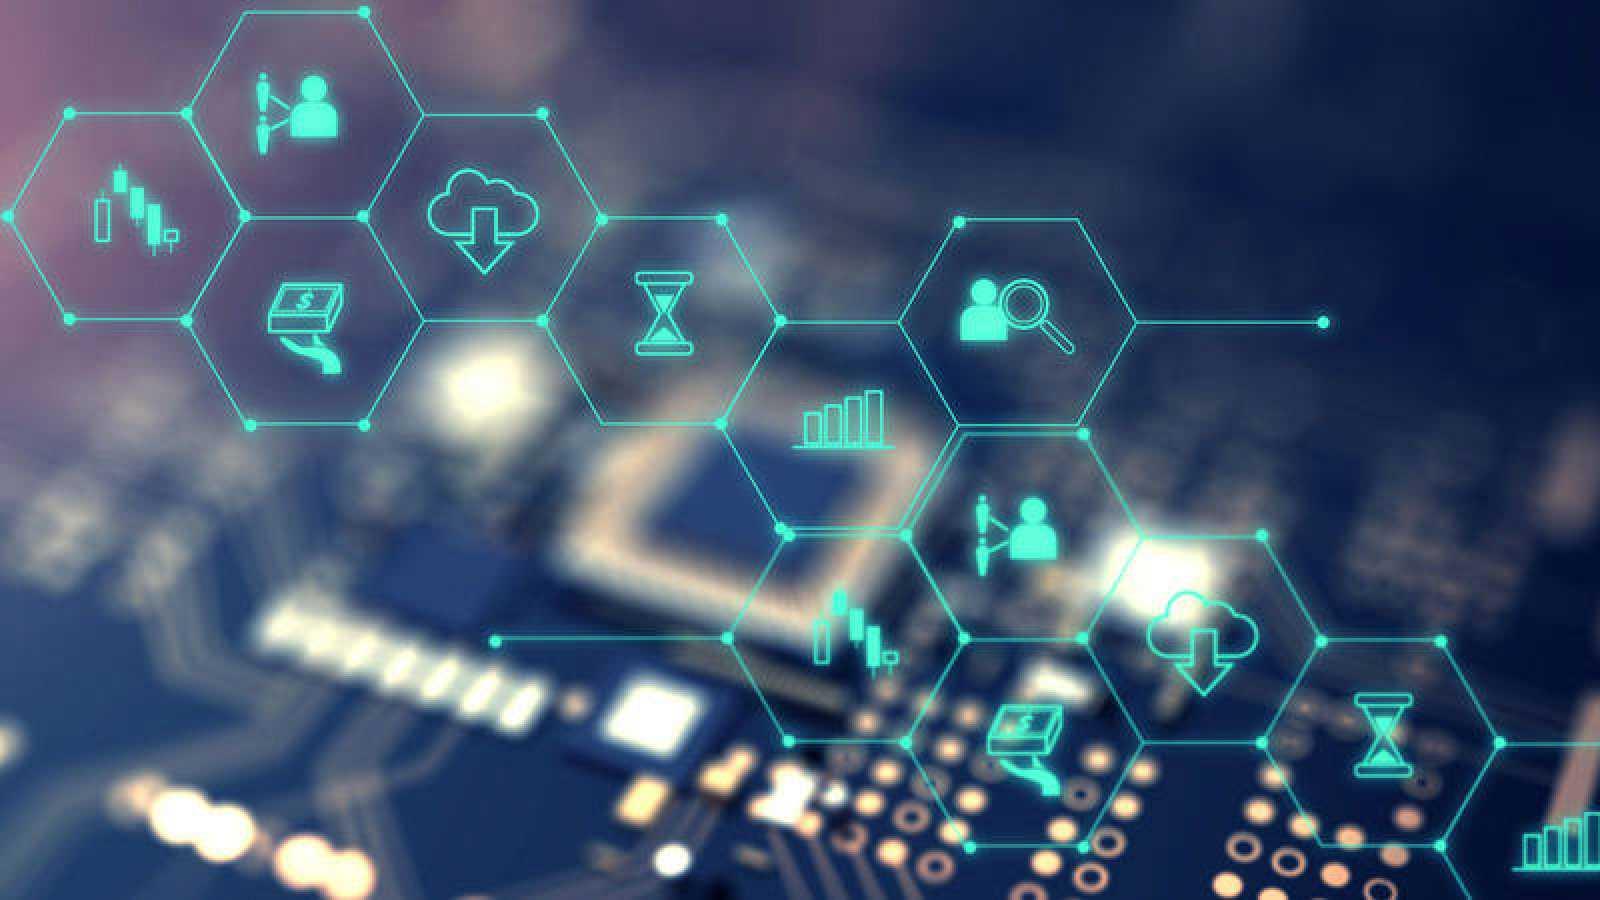 la cadena de bloques o blockchain una tecnología prometedora con